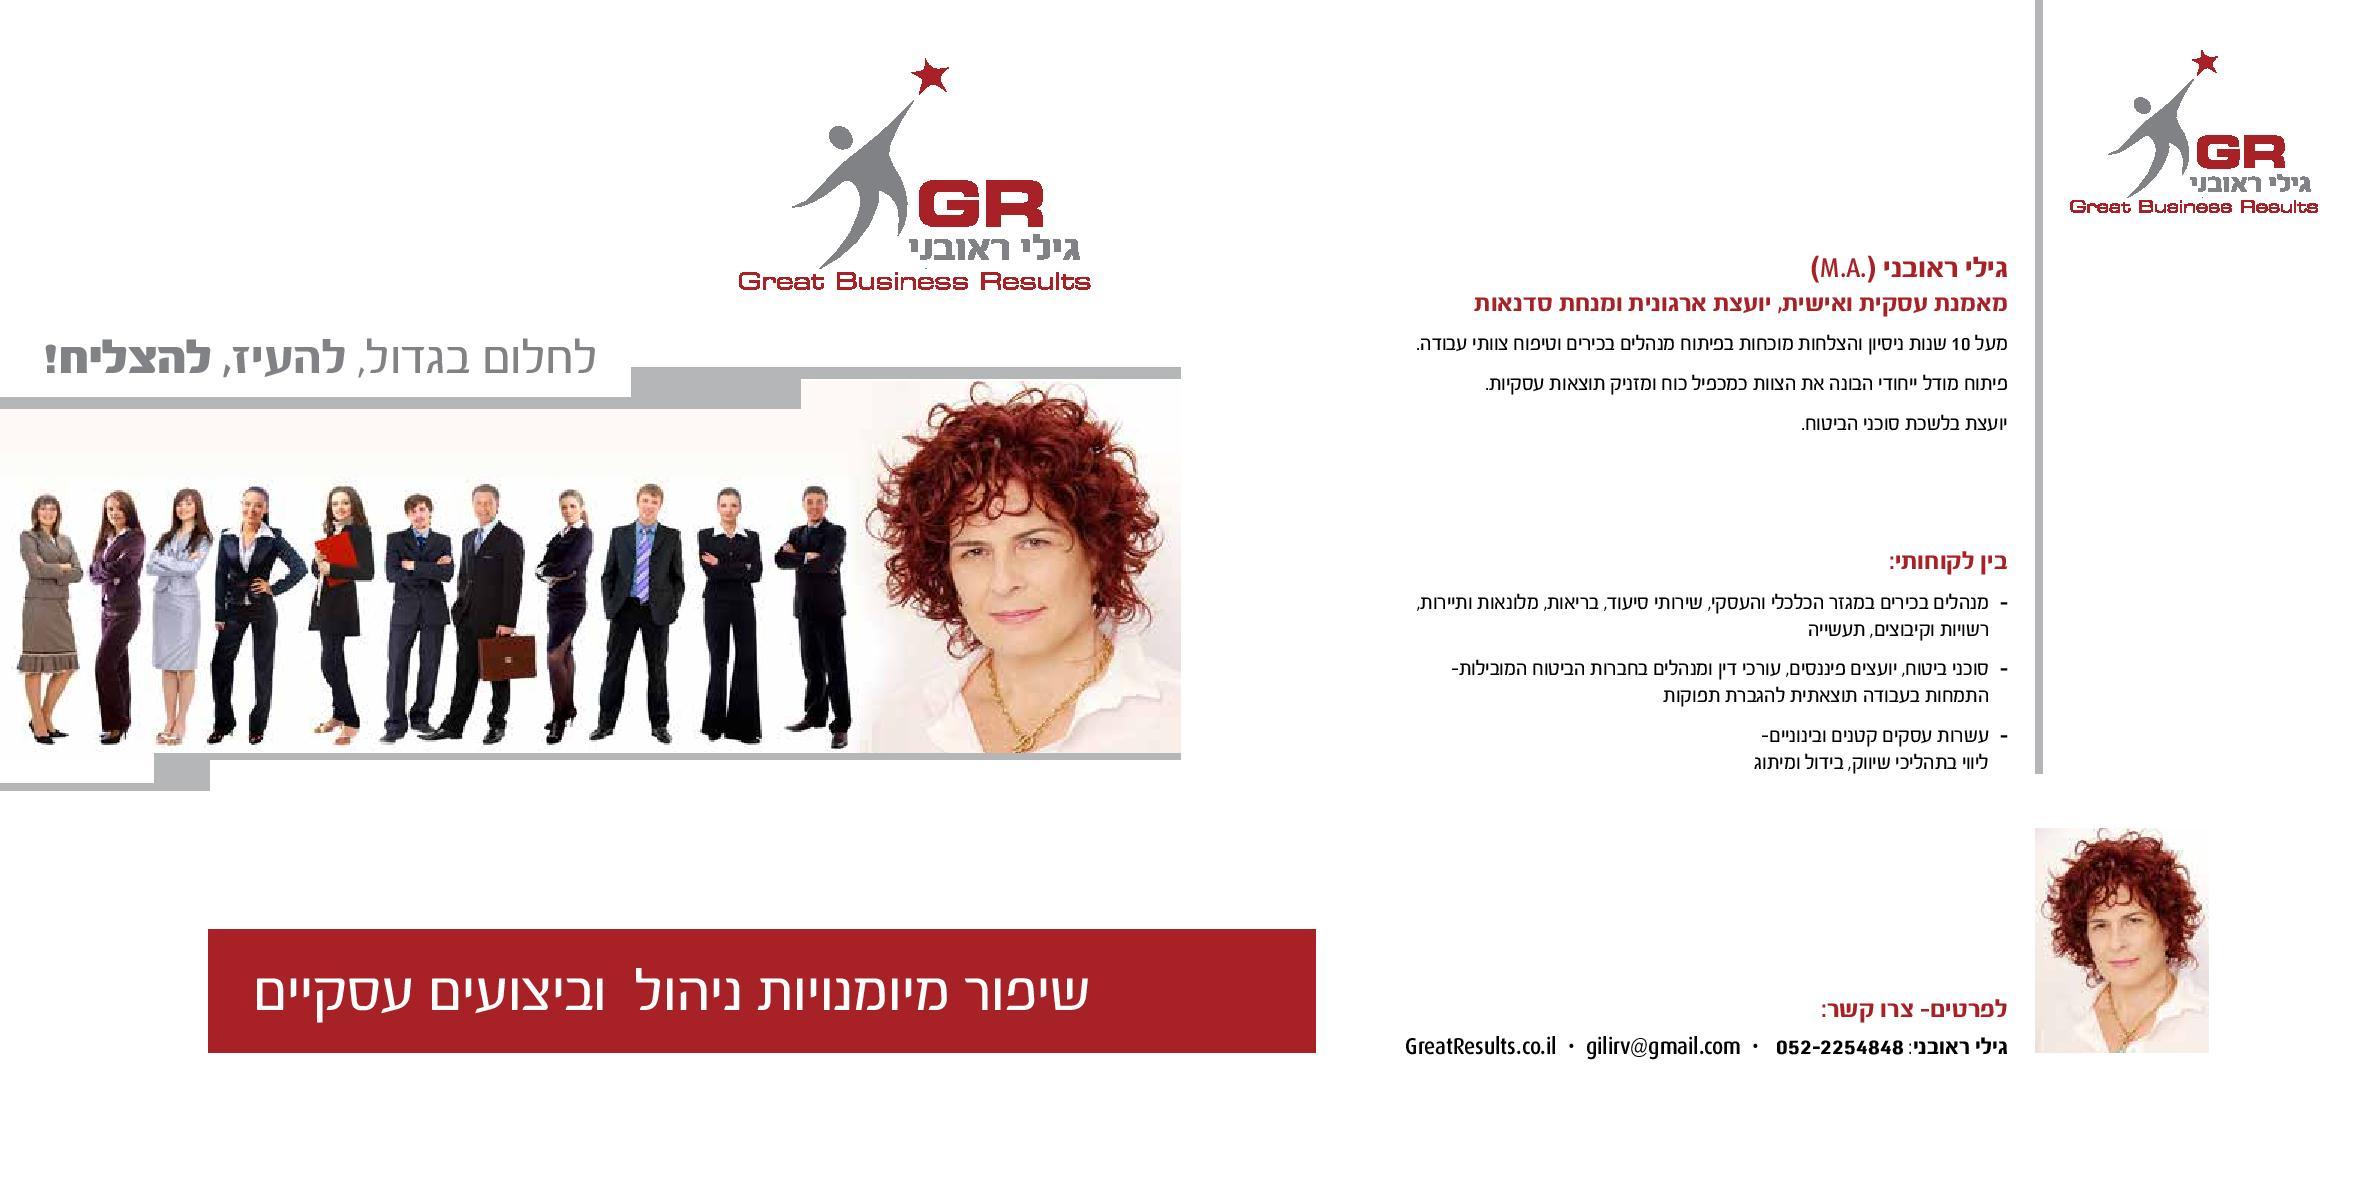 יעוץ ארגוני לסוכני ביטוח – התייעלות והגברת הריווחיות